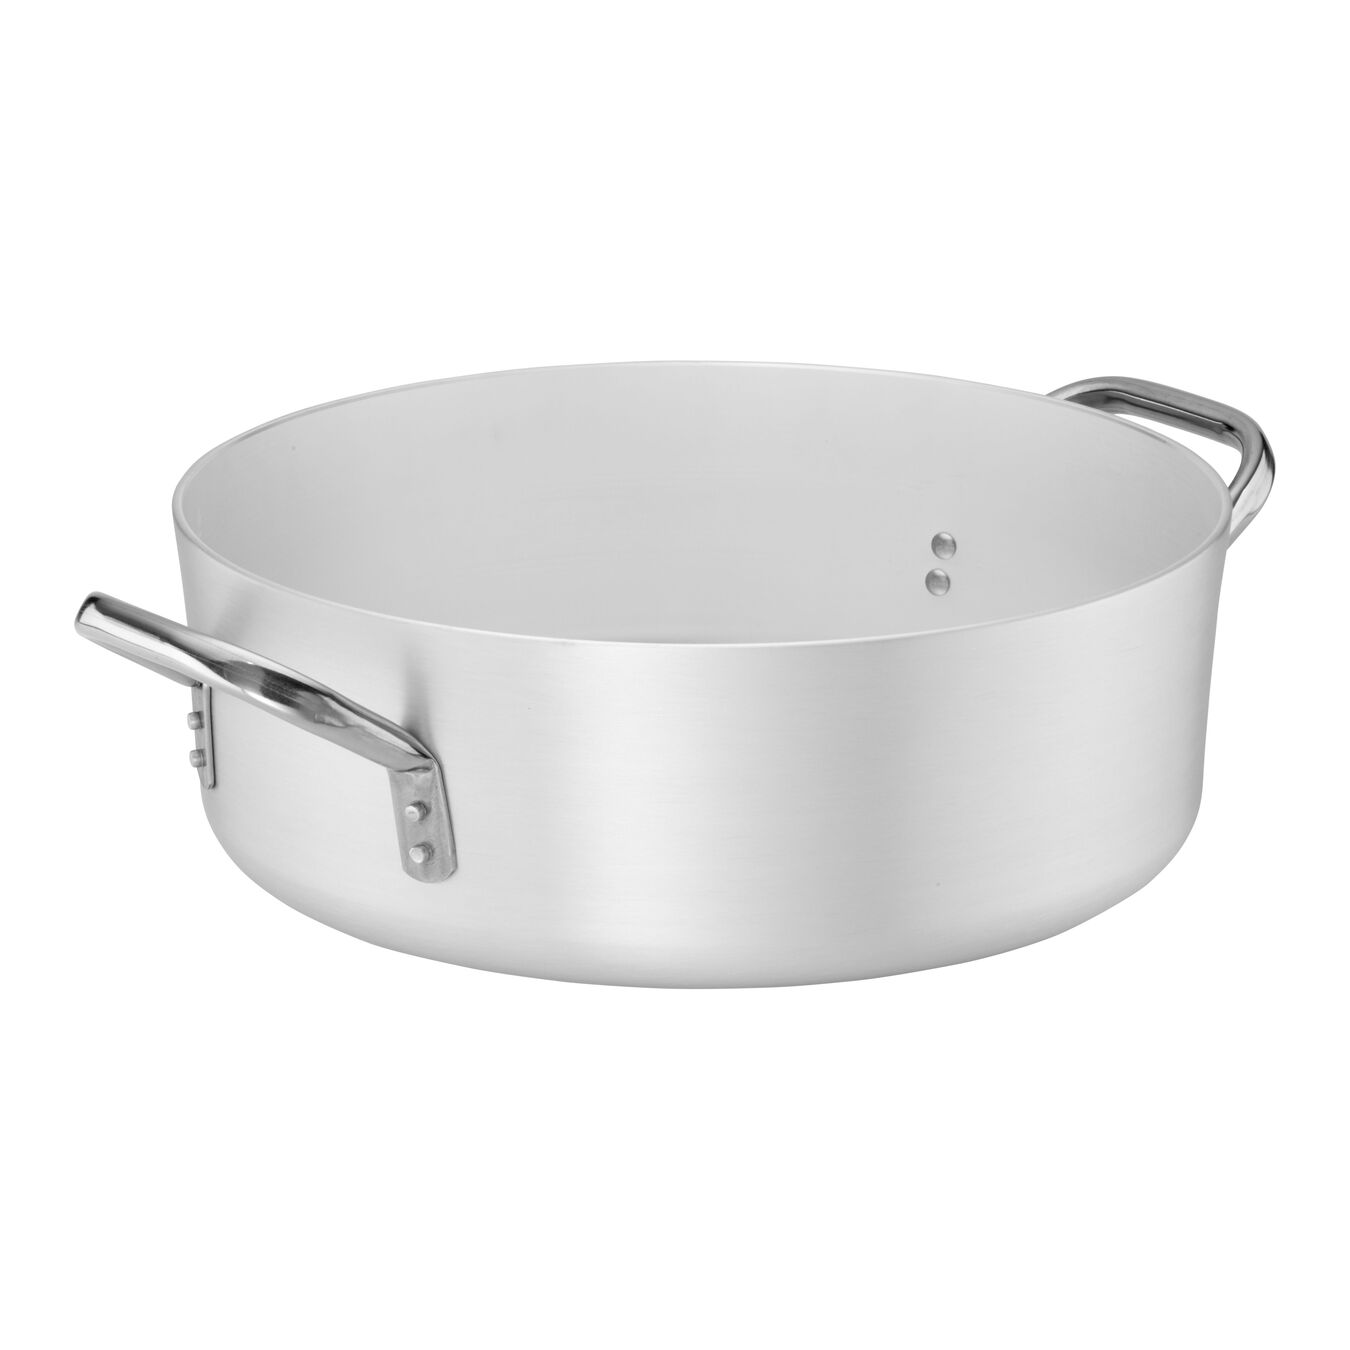 16-inch Saute pan, Aluminium ,,large 3